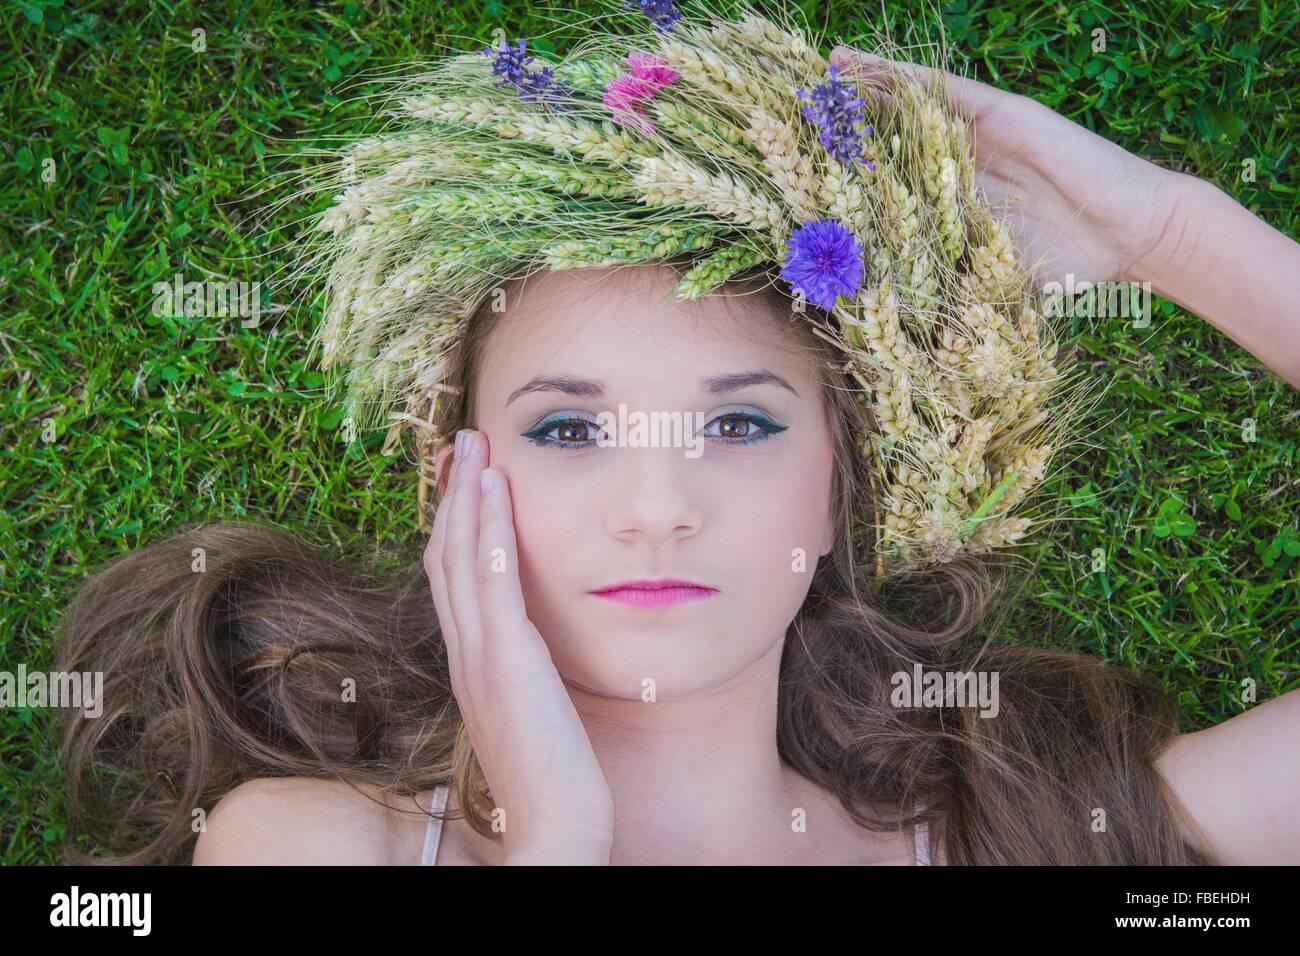 En primer plano el retrato de joven Bella Acostado sobre el césped vestidos de flores con la mano en la cara Imagen De Stock